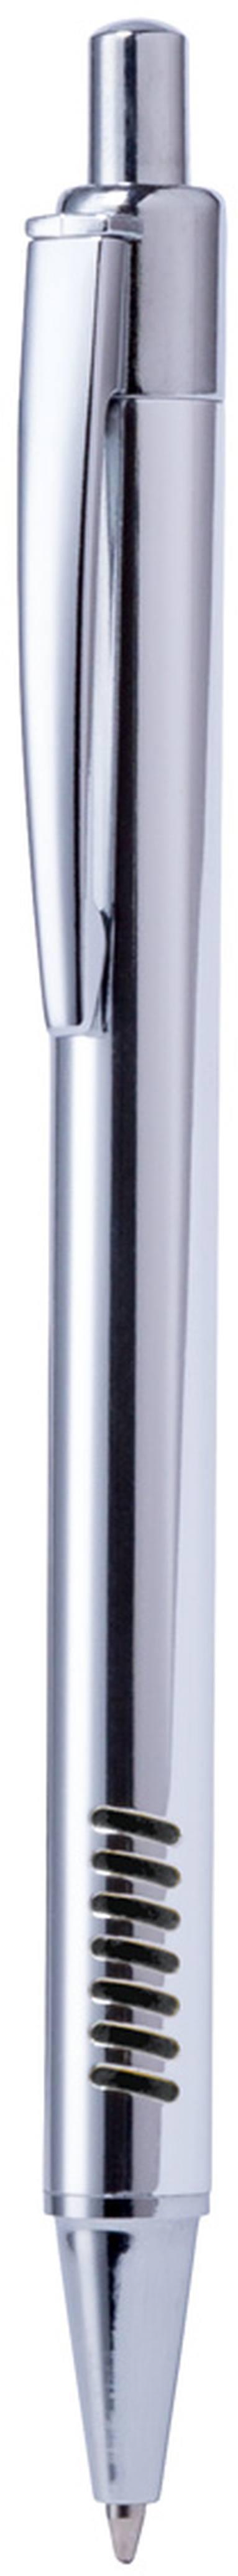 Ploder kuličkové pero